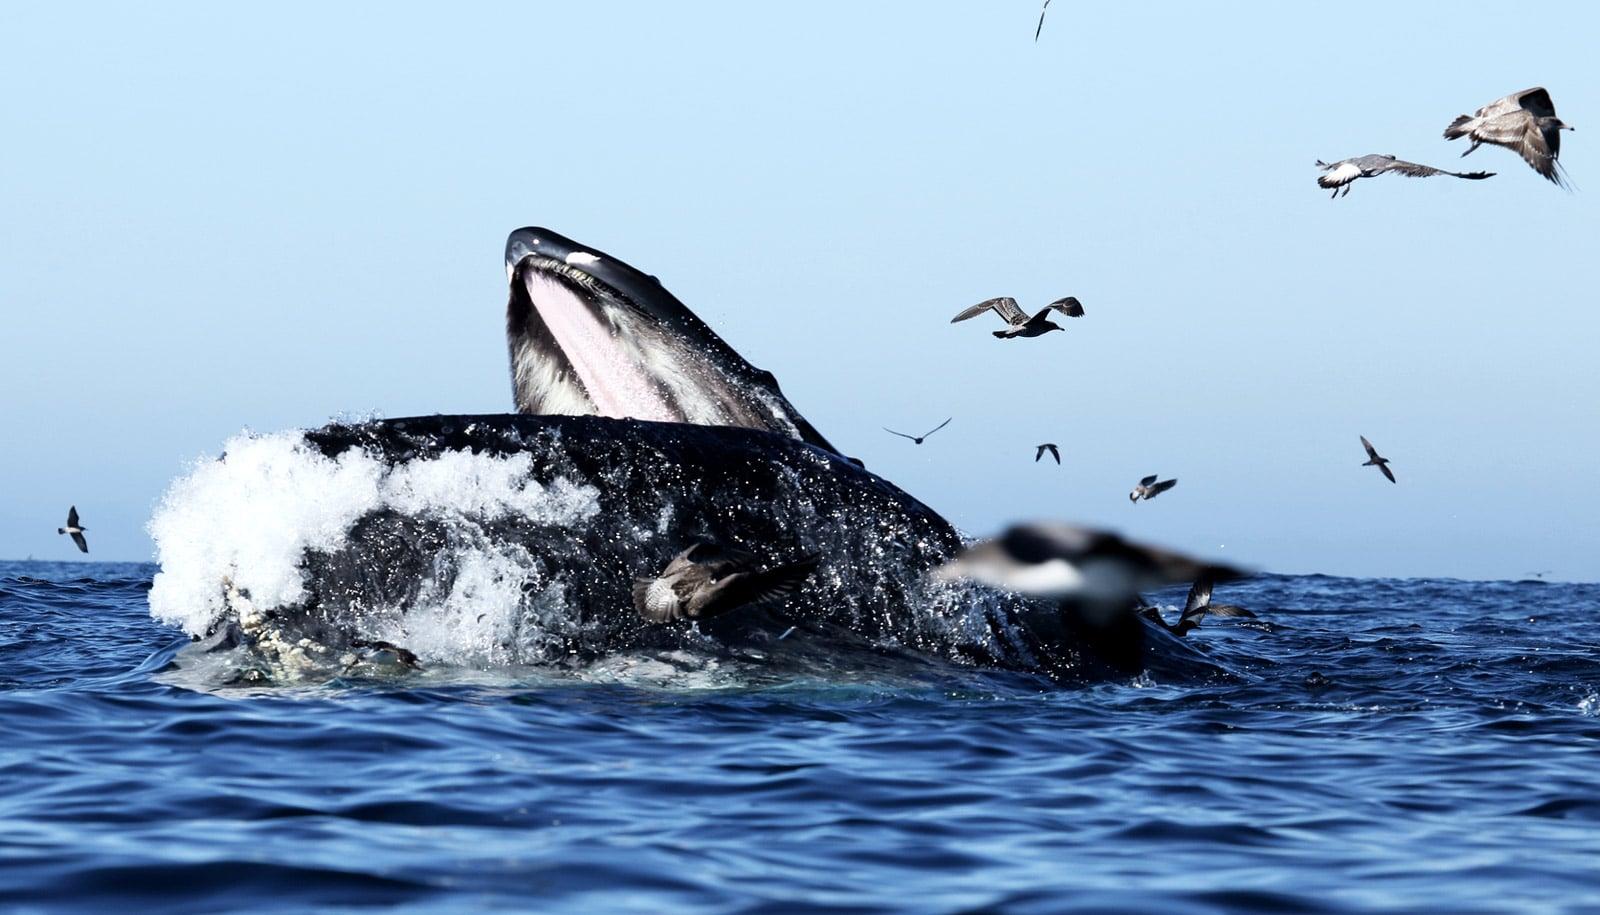 качестве решения фото крили которой питается кит особенность утонченная